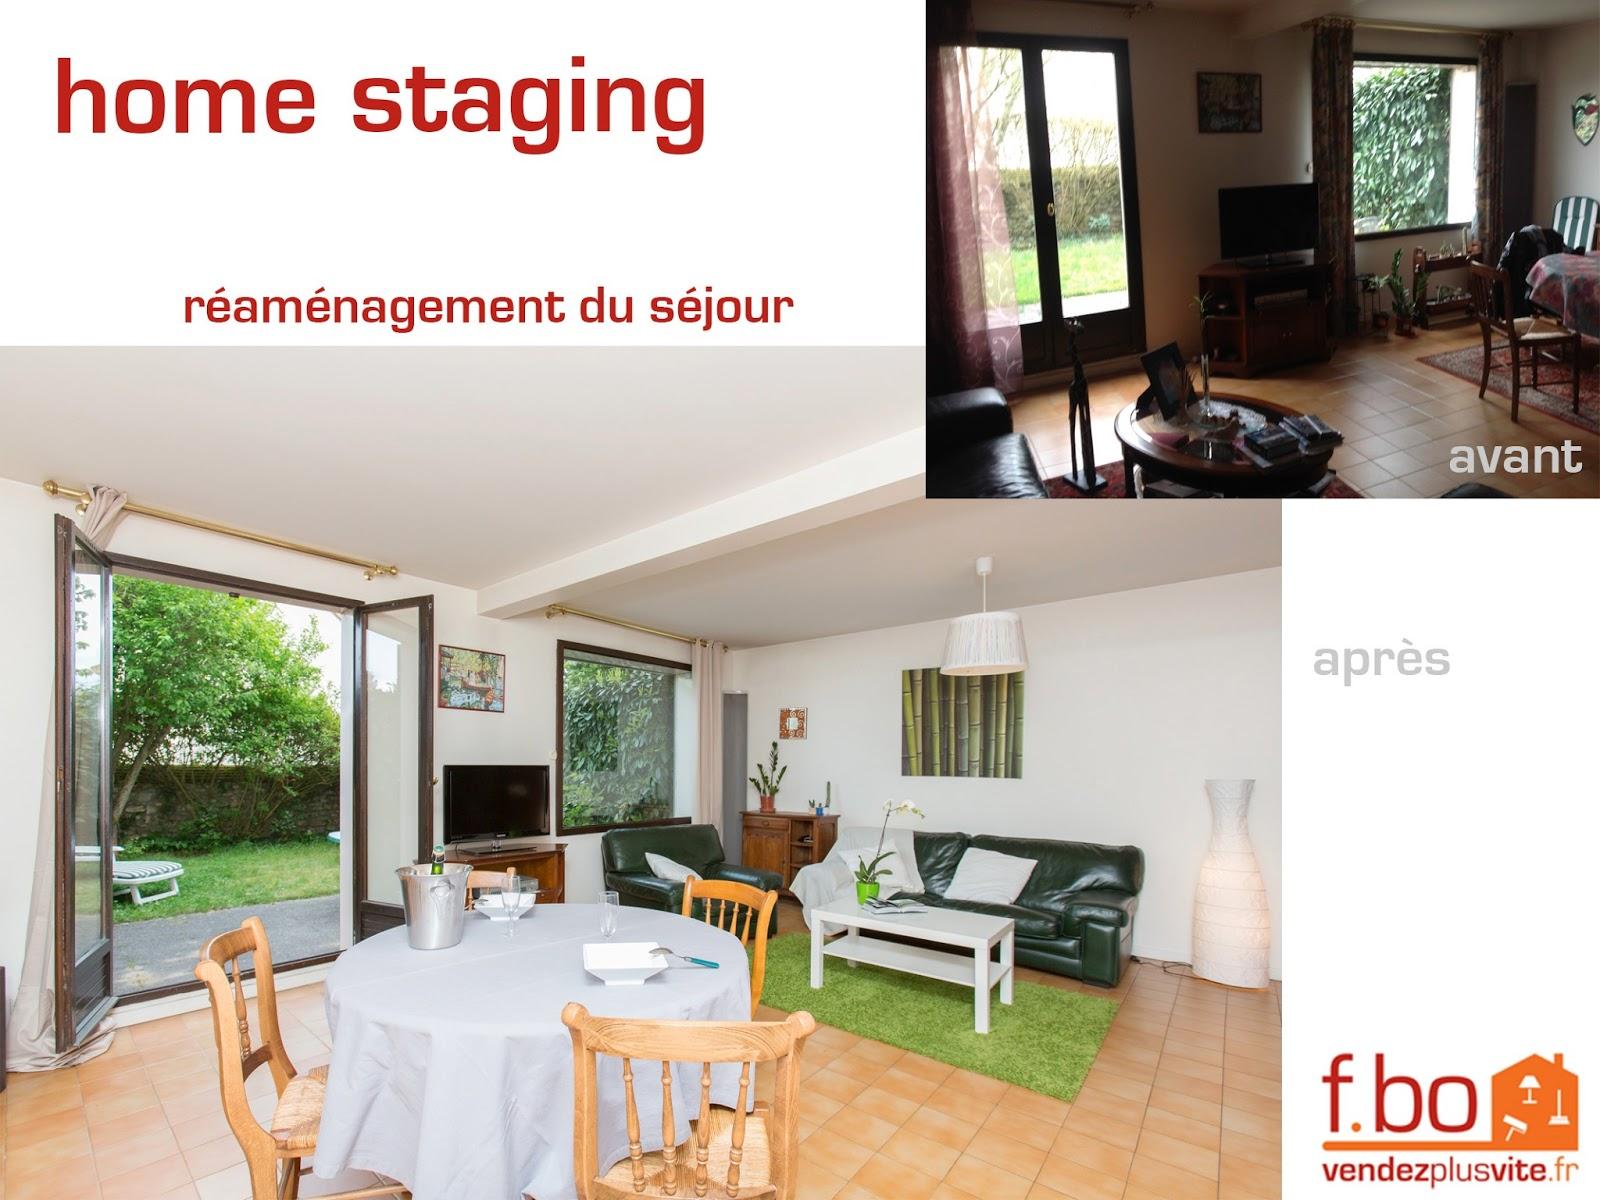 Vendez plus vite votre bien ma derni re r alisation en for Home staging photos